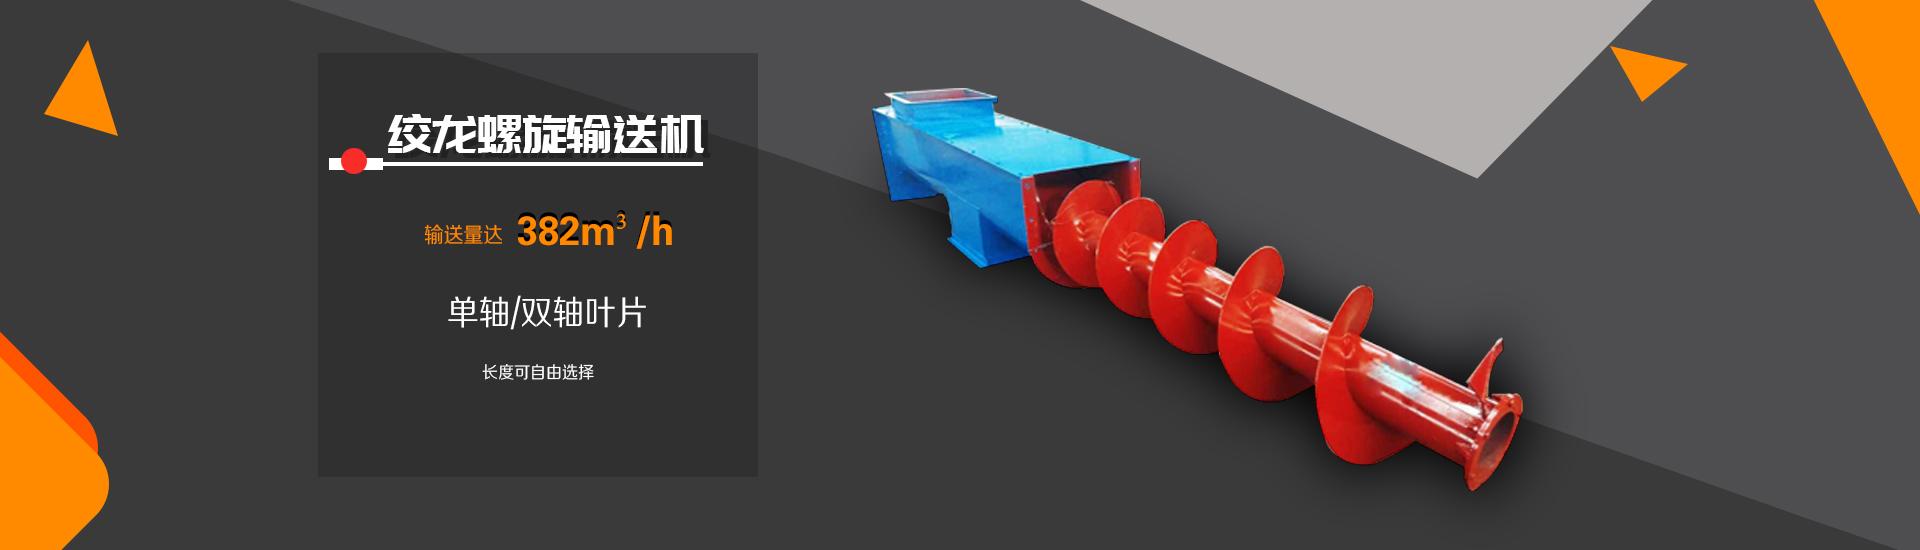 可以按照用户要求设计为大倾角或移动式,输送量输送量可达3000t/h